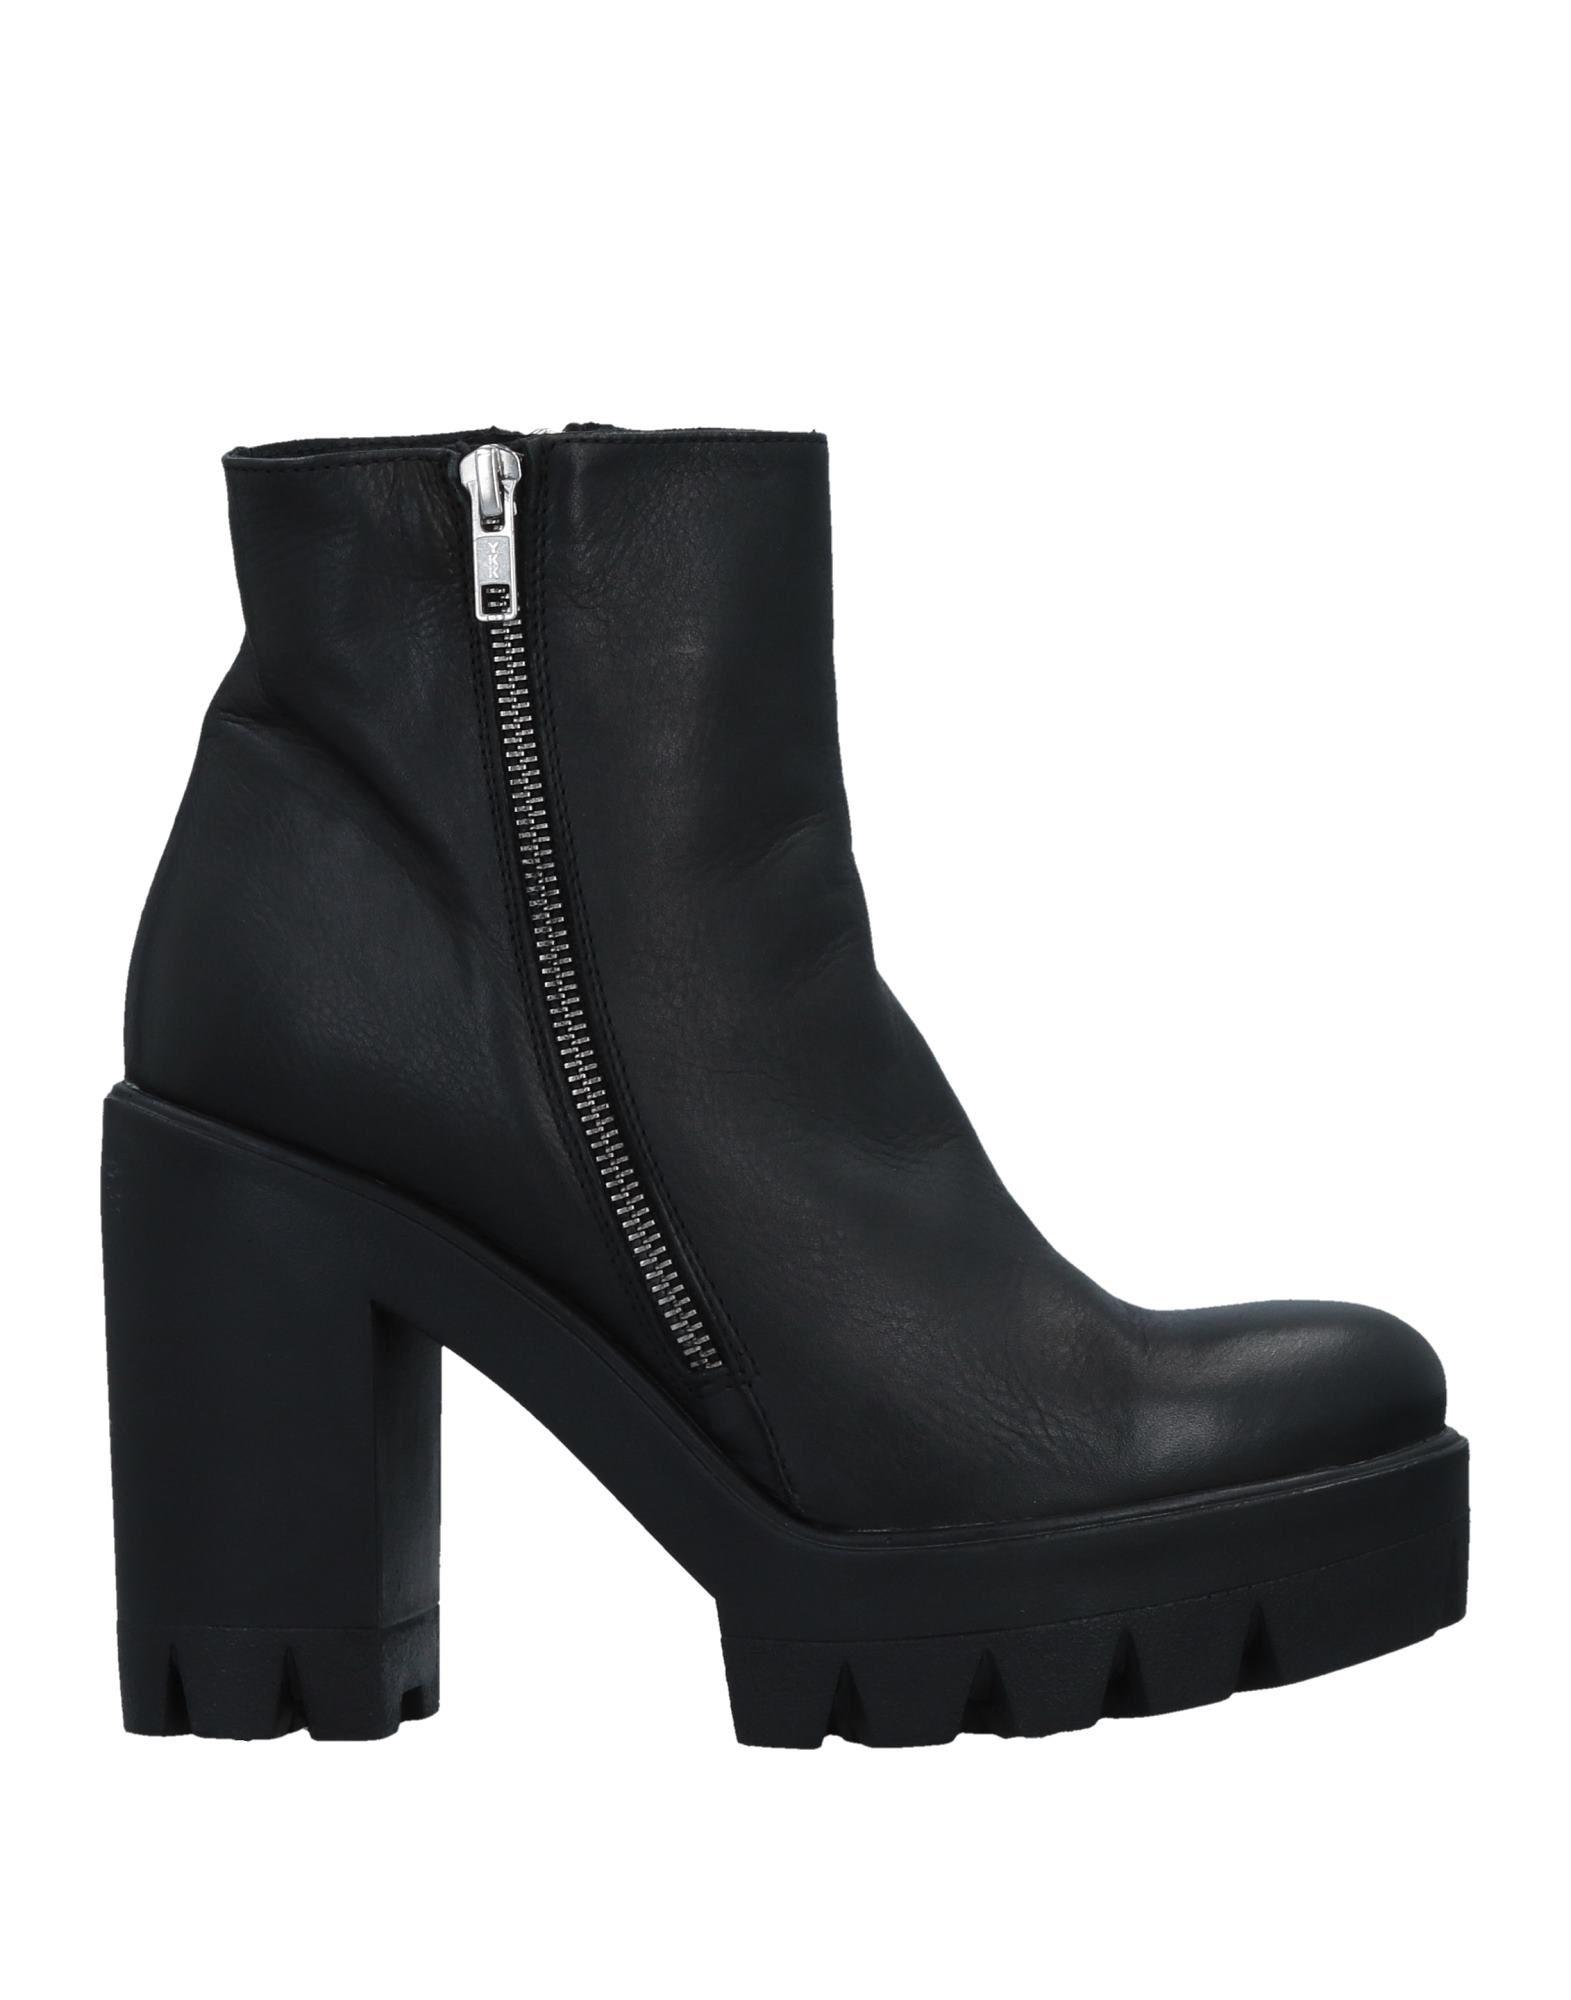 Crown Stiefelette Damen  11511732OK Gute Qualität beliebte Schuhe